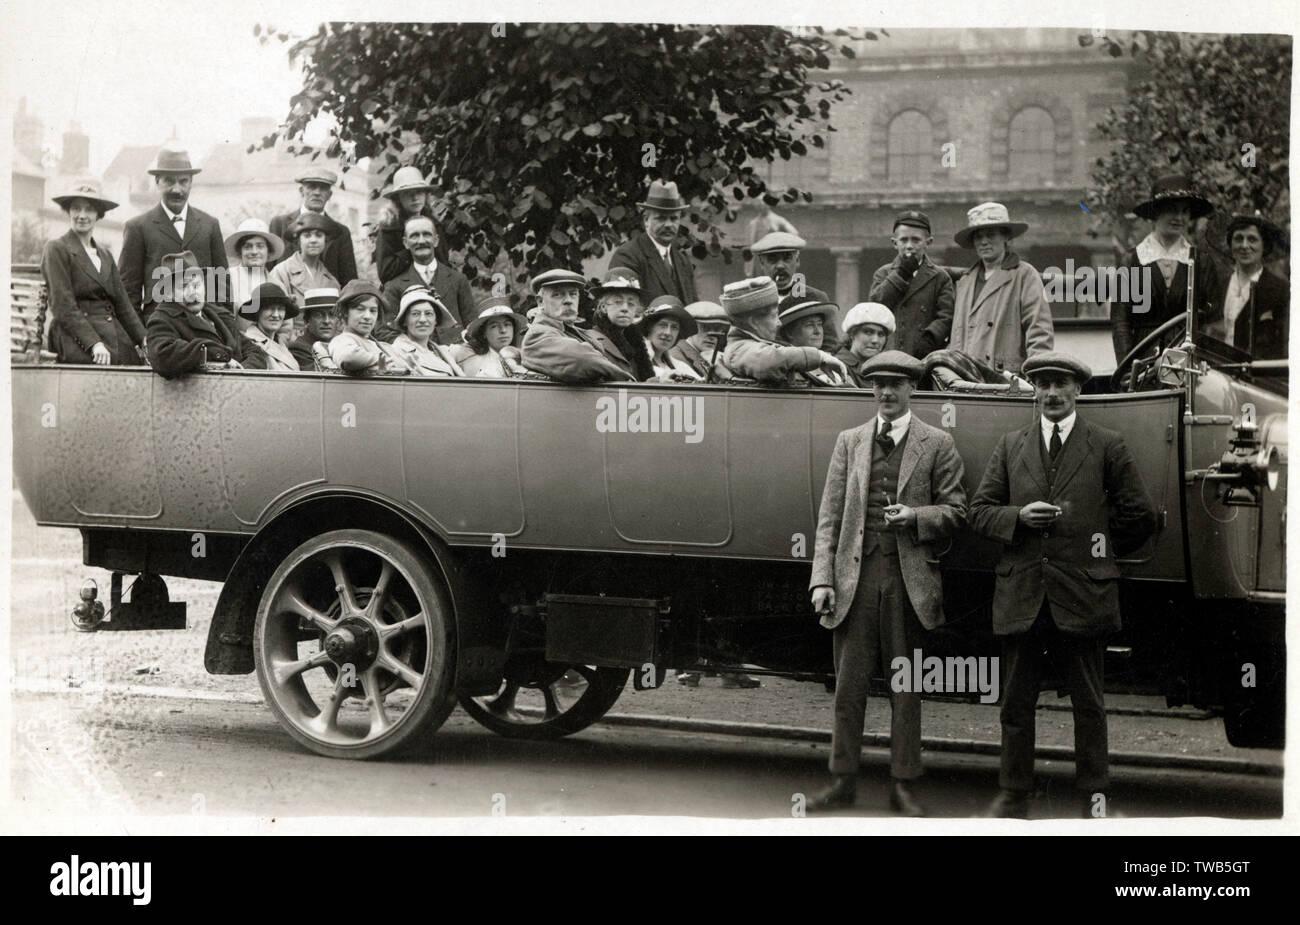 Los funcionarios (y sus familias) en un día de viaje Charabanc dirigido por R. Chisnell &Amp; Hijos (como el comercio de servicios motor King Alfred) de Winchester para visitar el Palacio de Cristal en Sydenham, Londres del sur. Fecha: circa 1921 Imagen De Stock